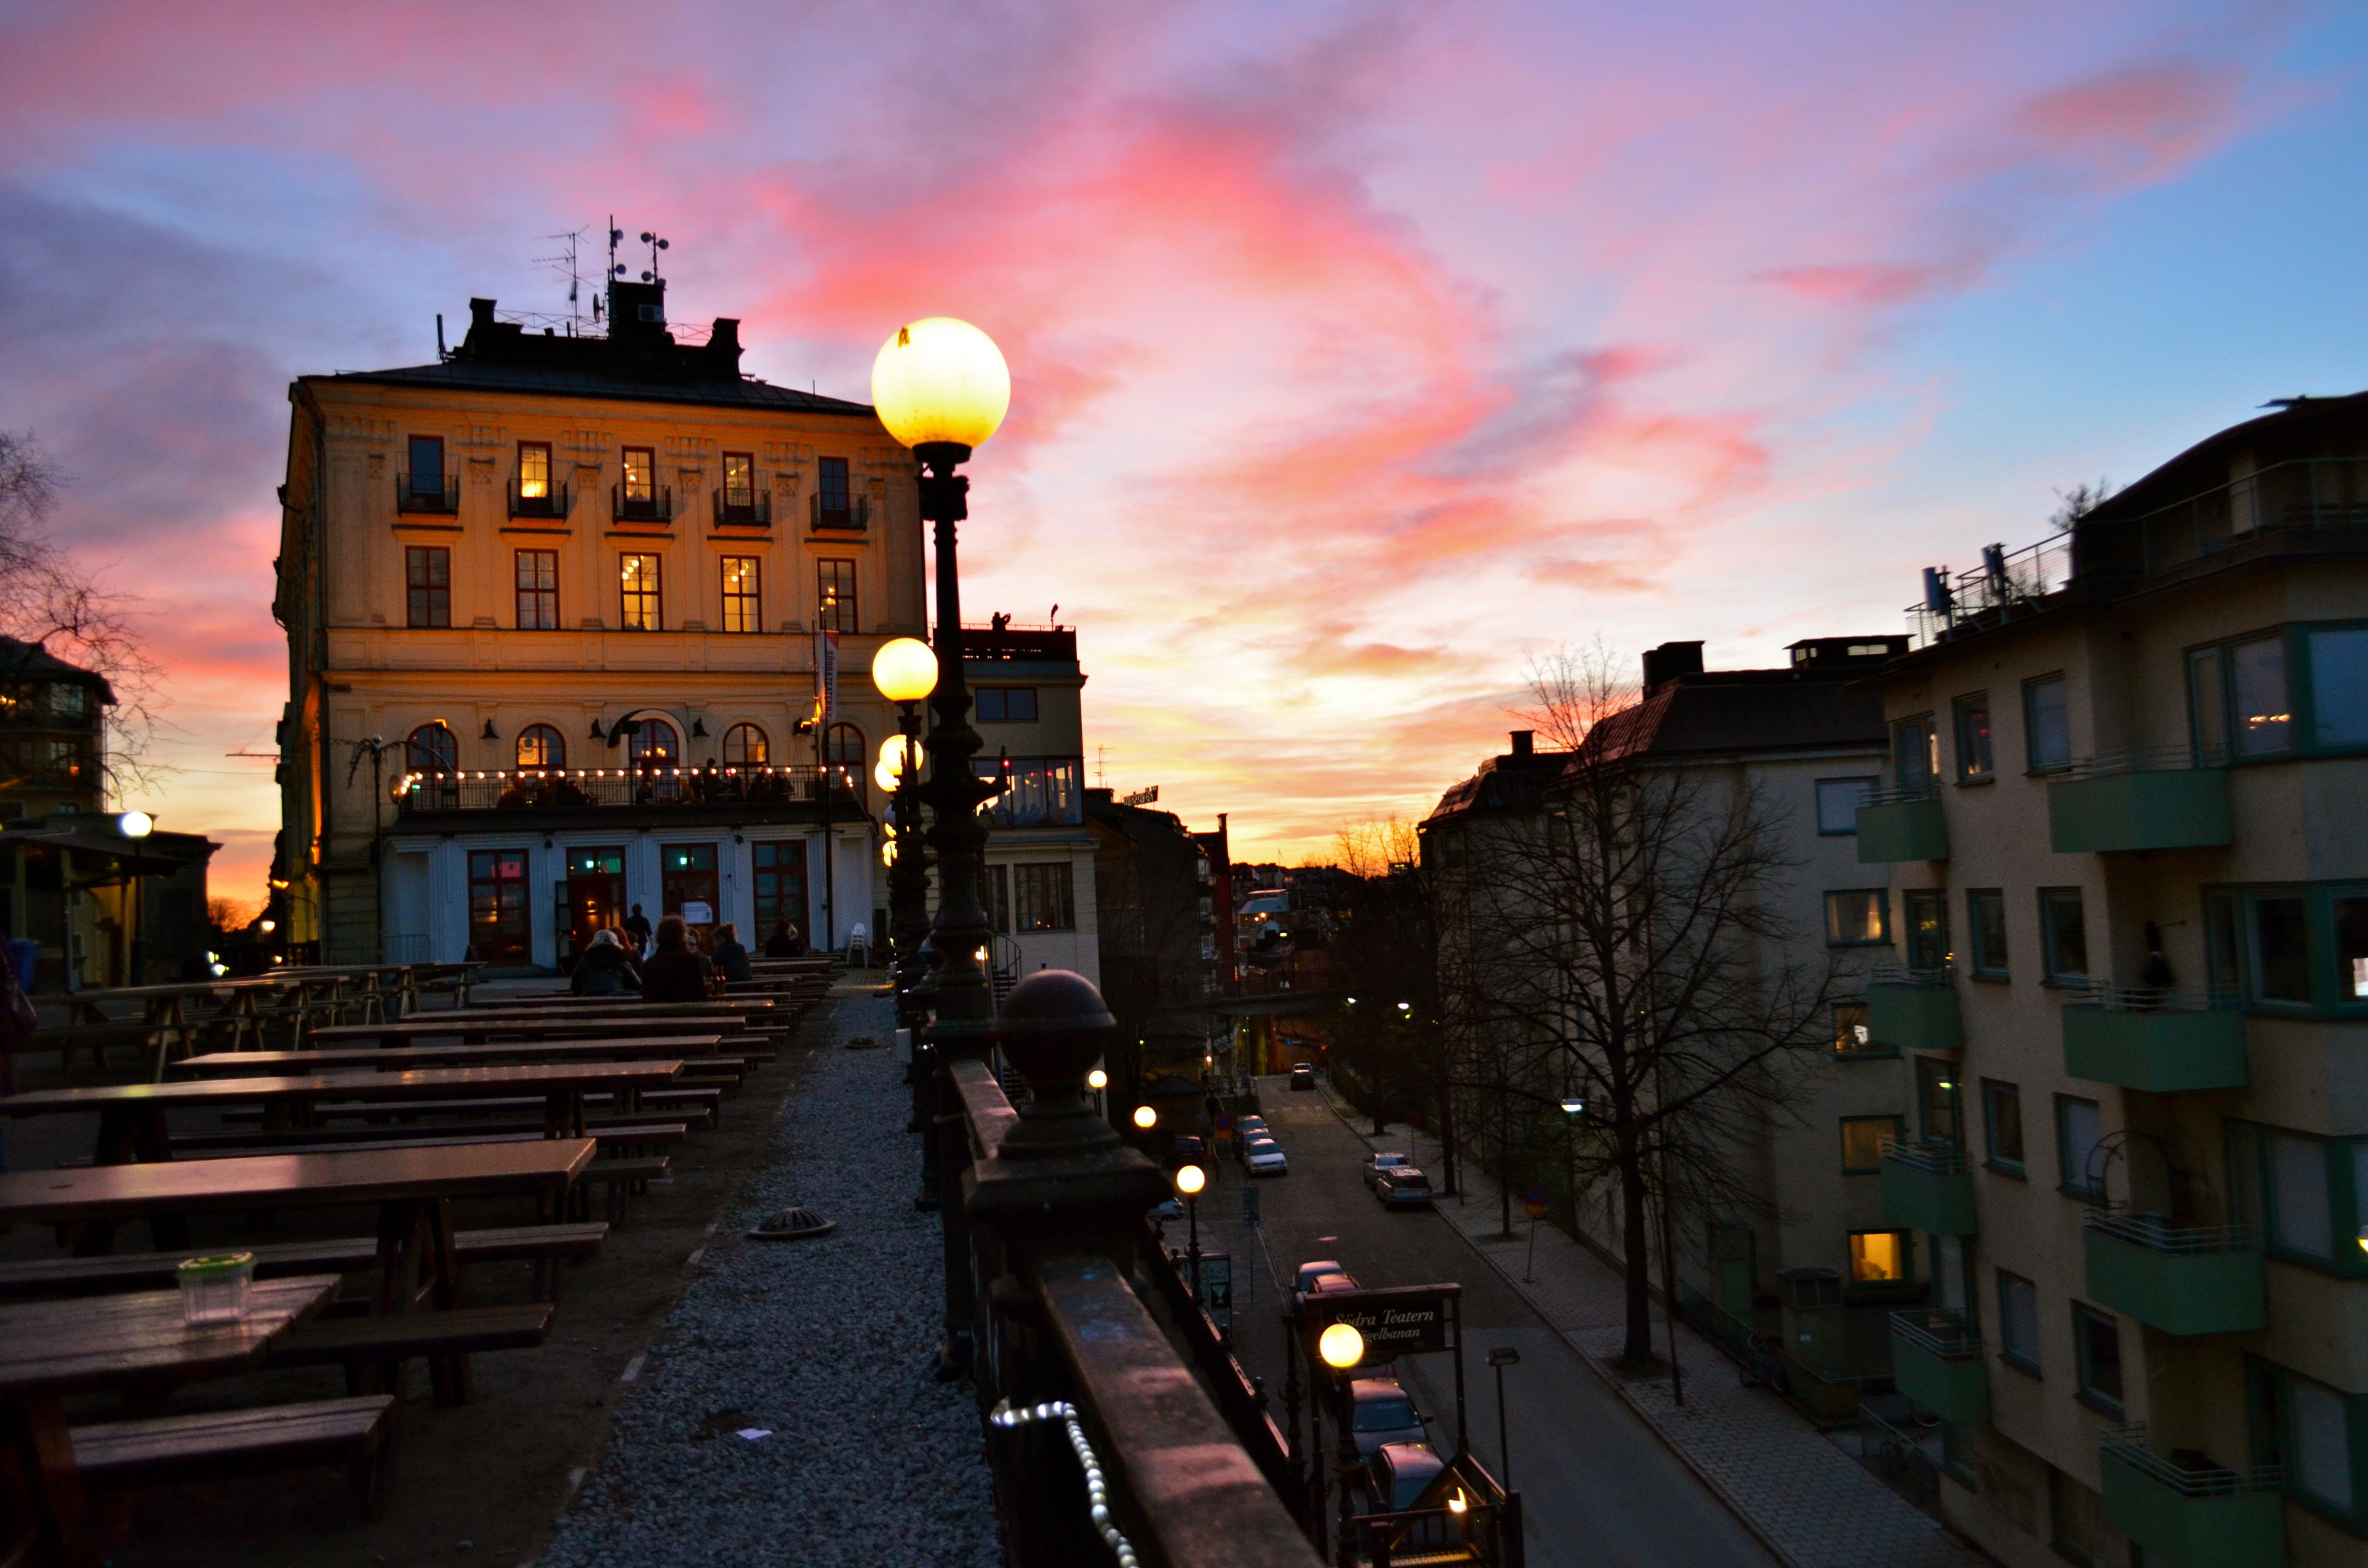 solarium hornsgatan city stockholm